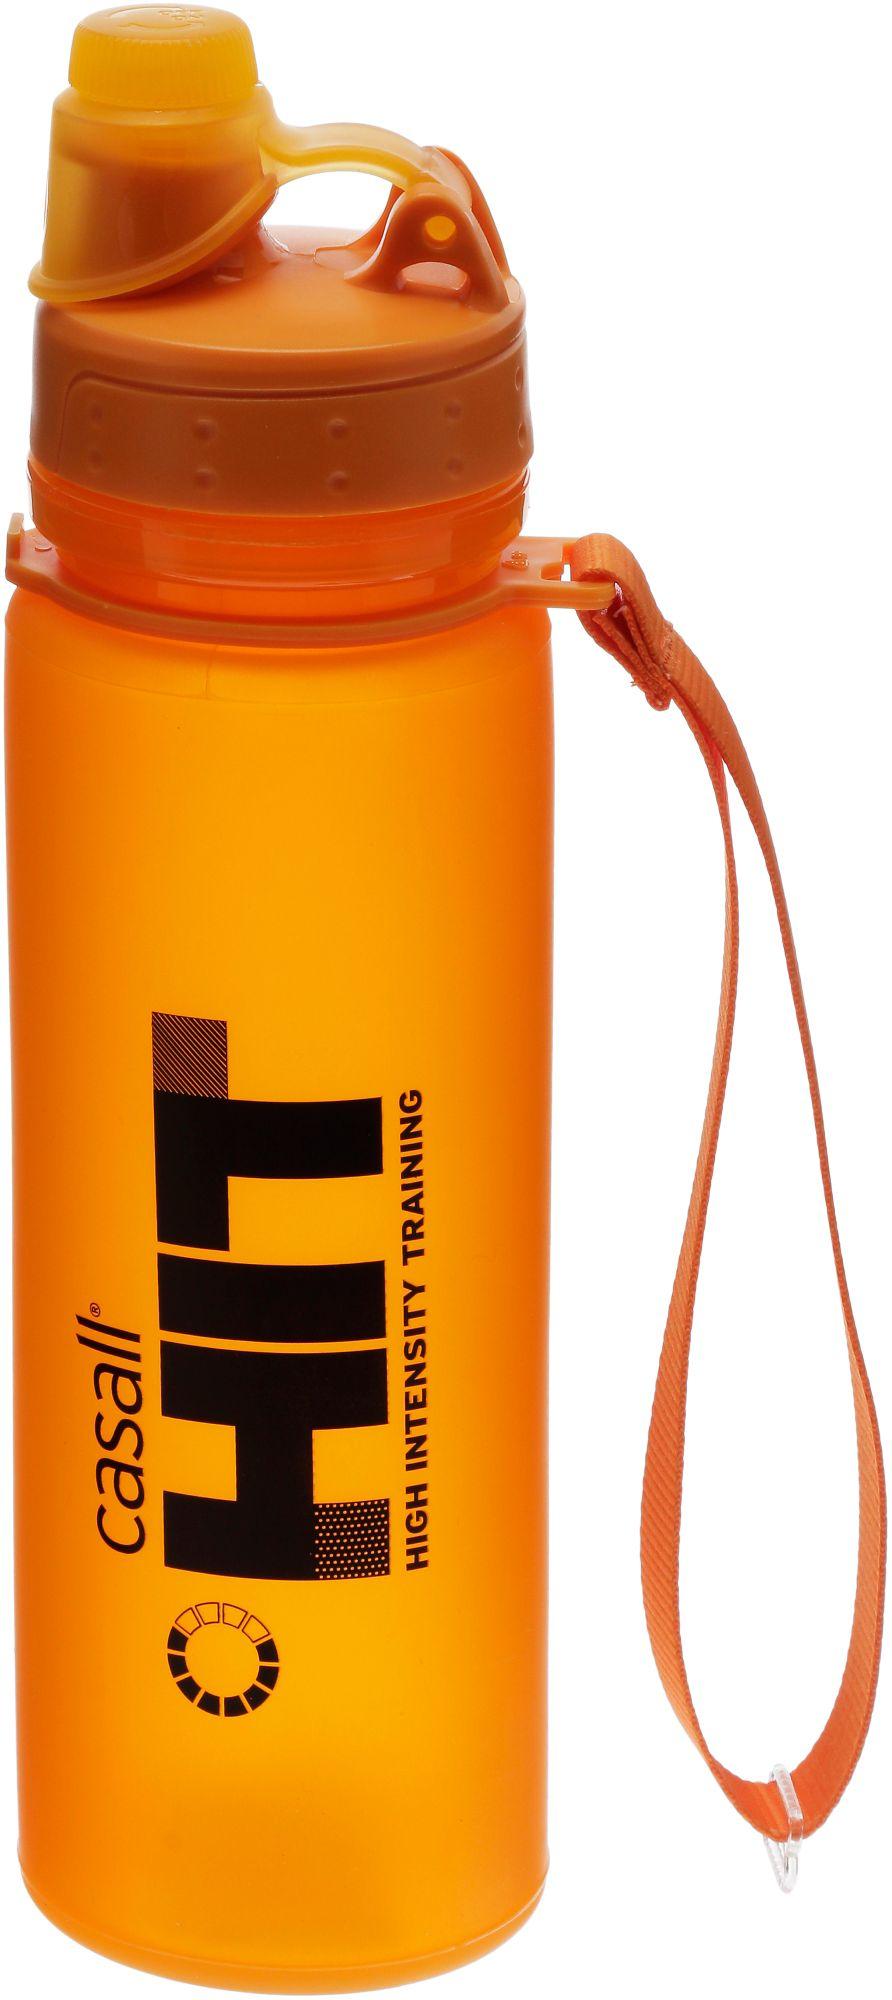 Trinkflasche in orange